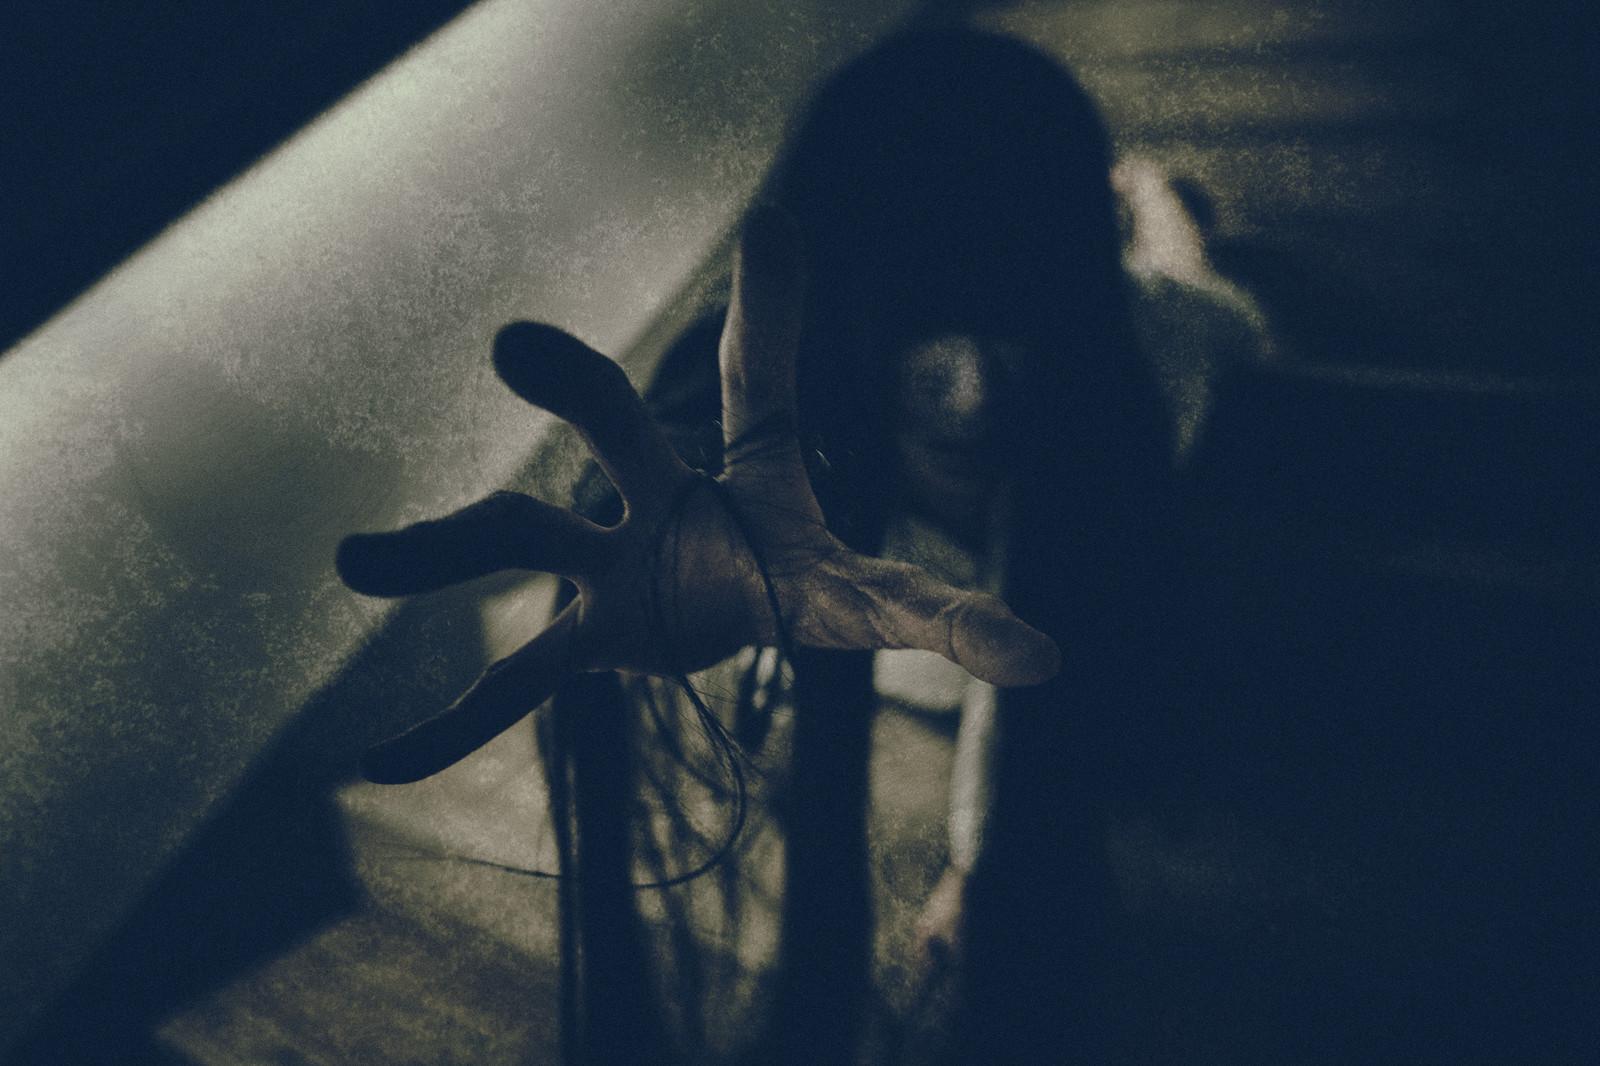 アムウェイって闇が深く怖いの?実際にあった怖い話と信者の末路とは?